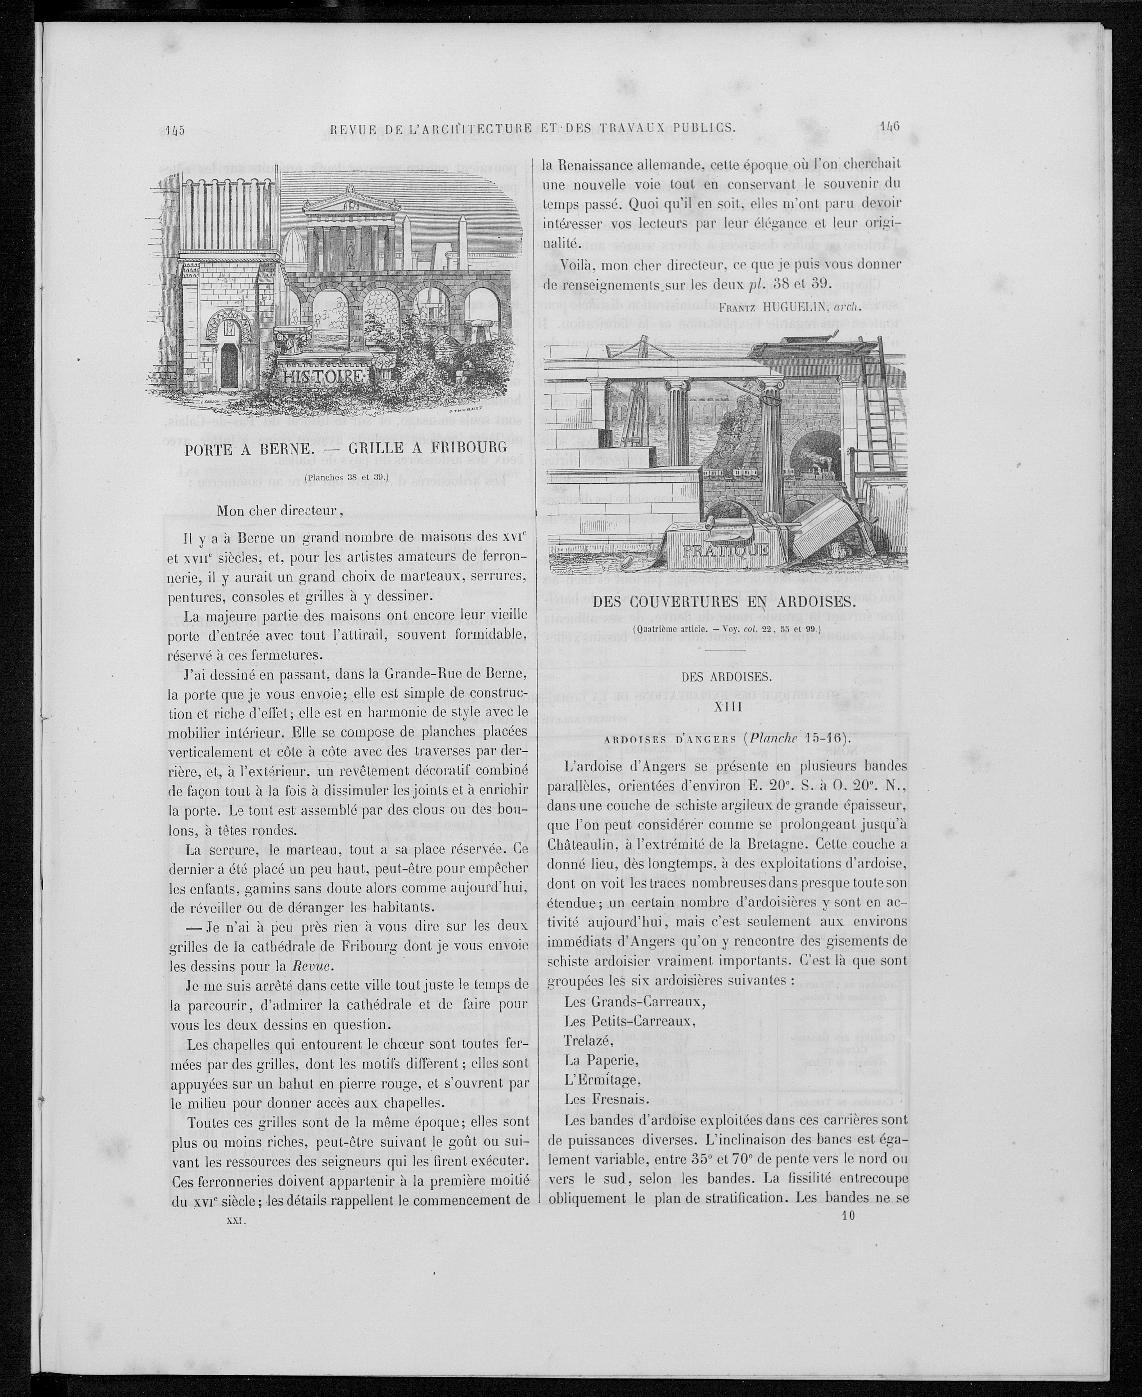 La revue générale de l'architecture, no. 4, 1863 |